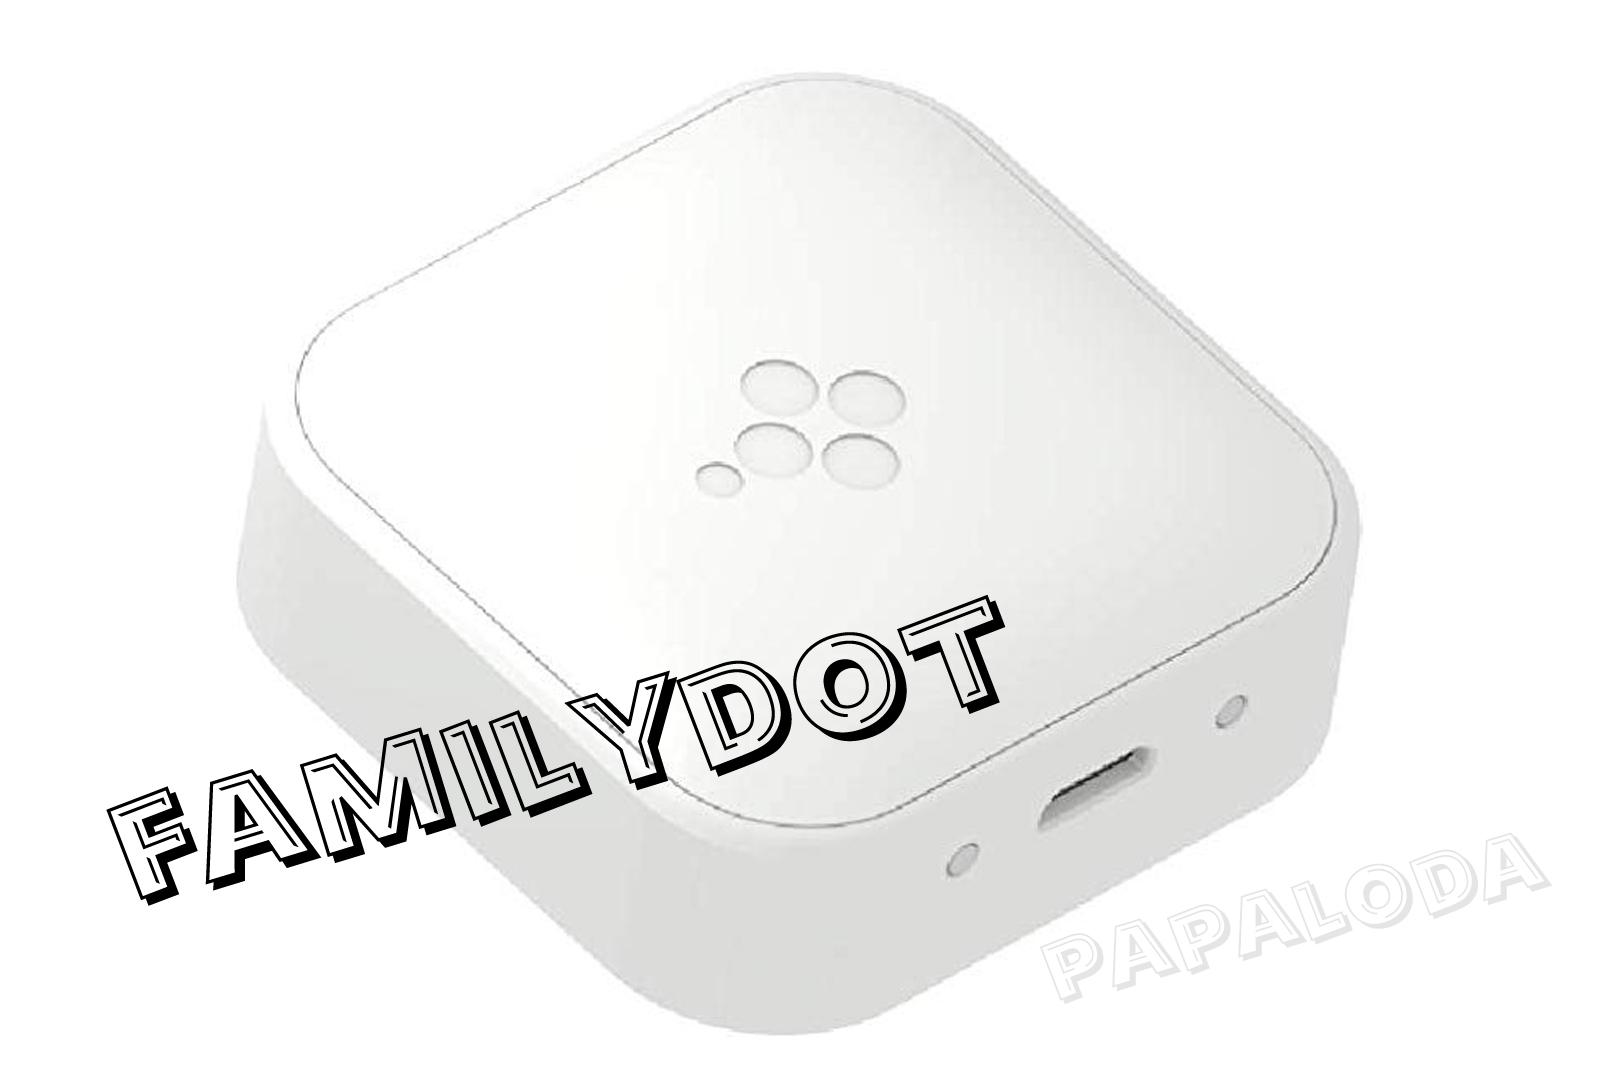 FamilyDot001